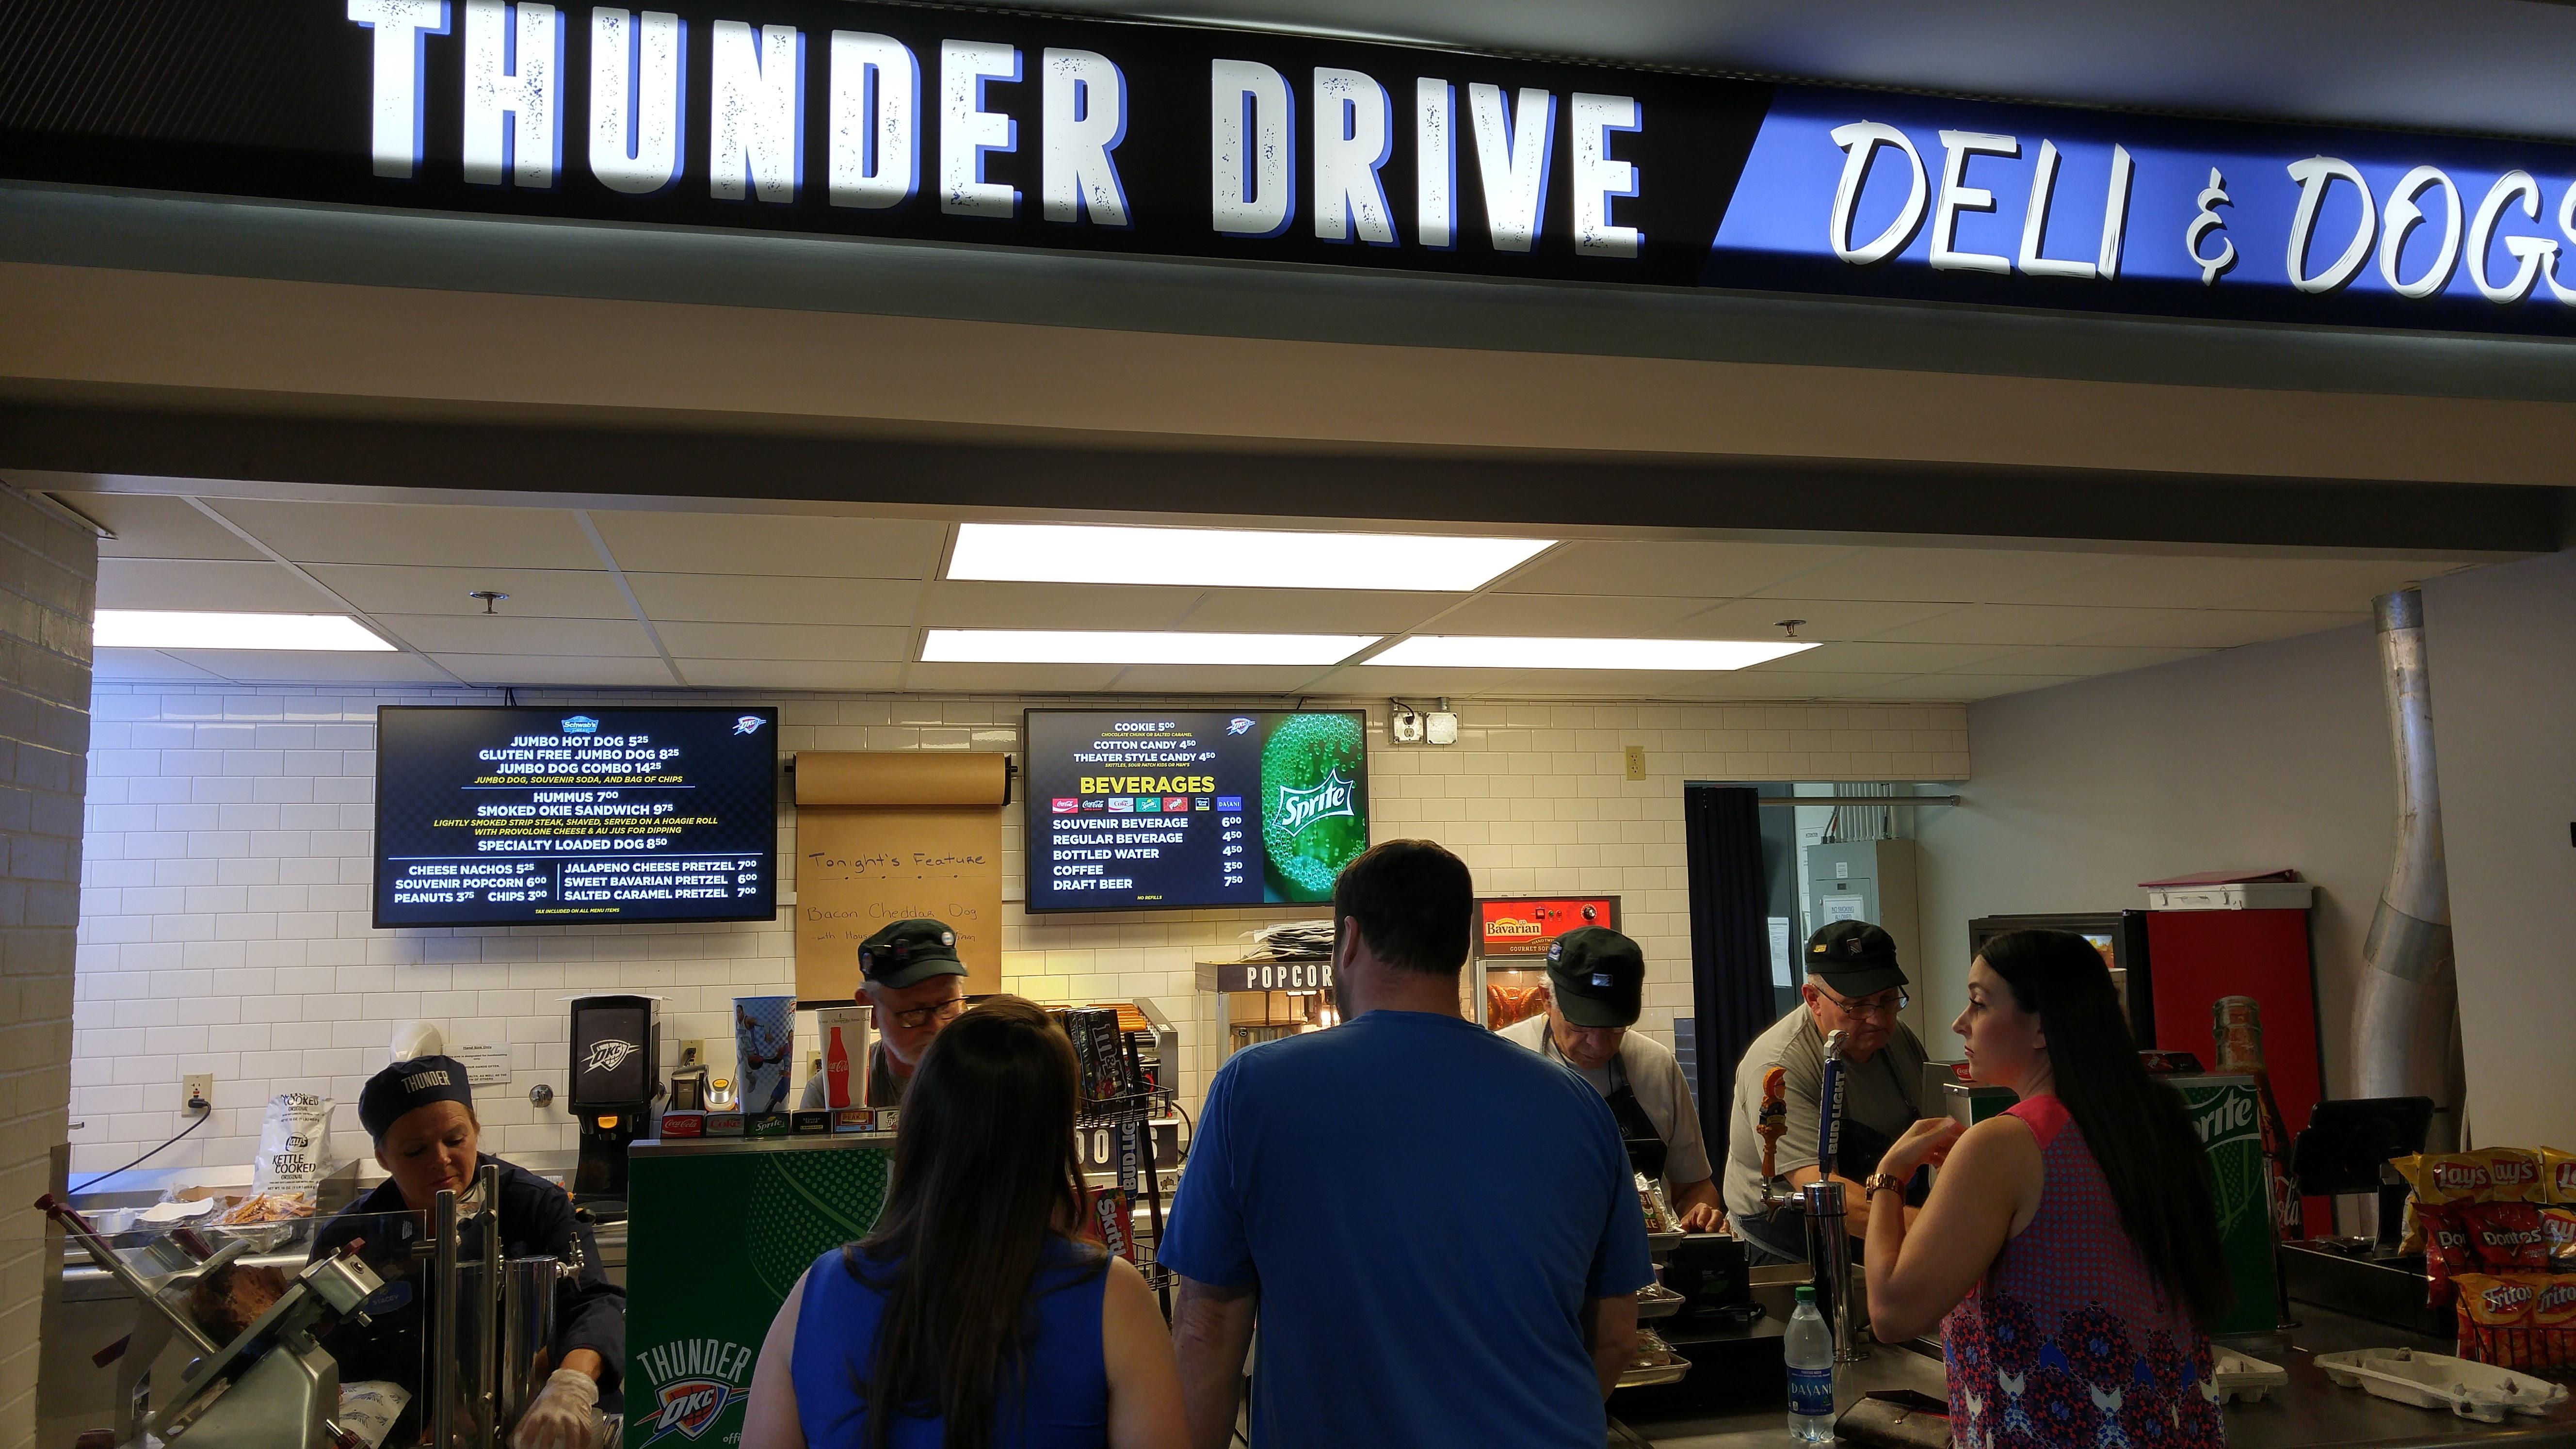 ADFLOW_Chesapeake Thunder Drive Menus